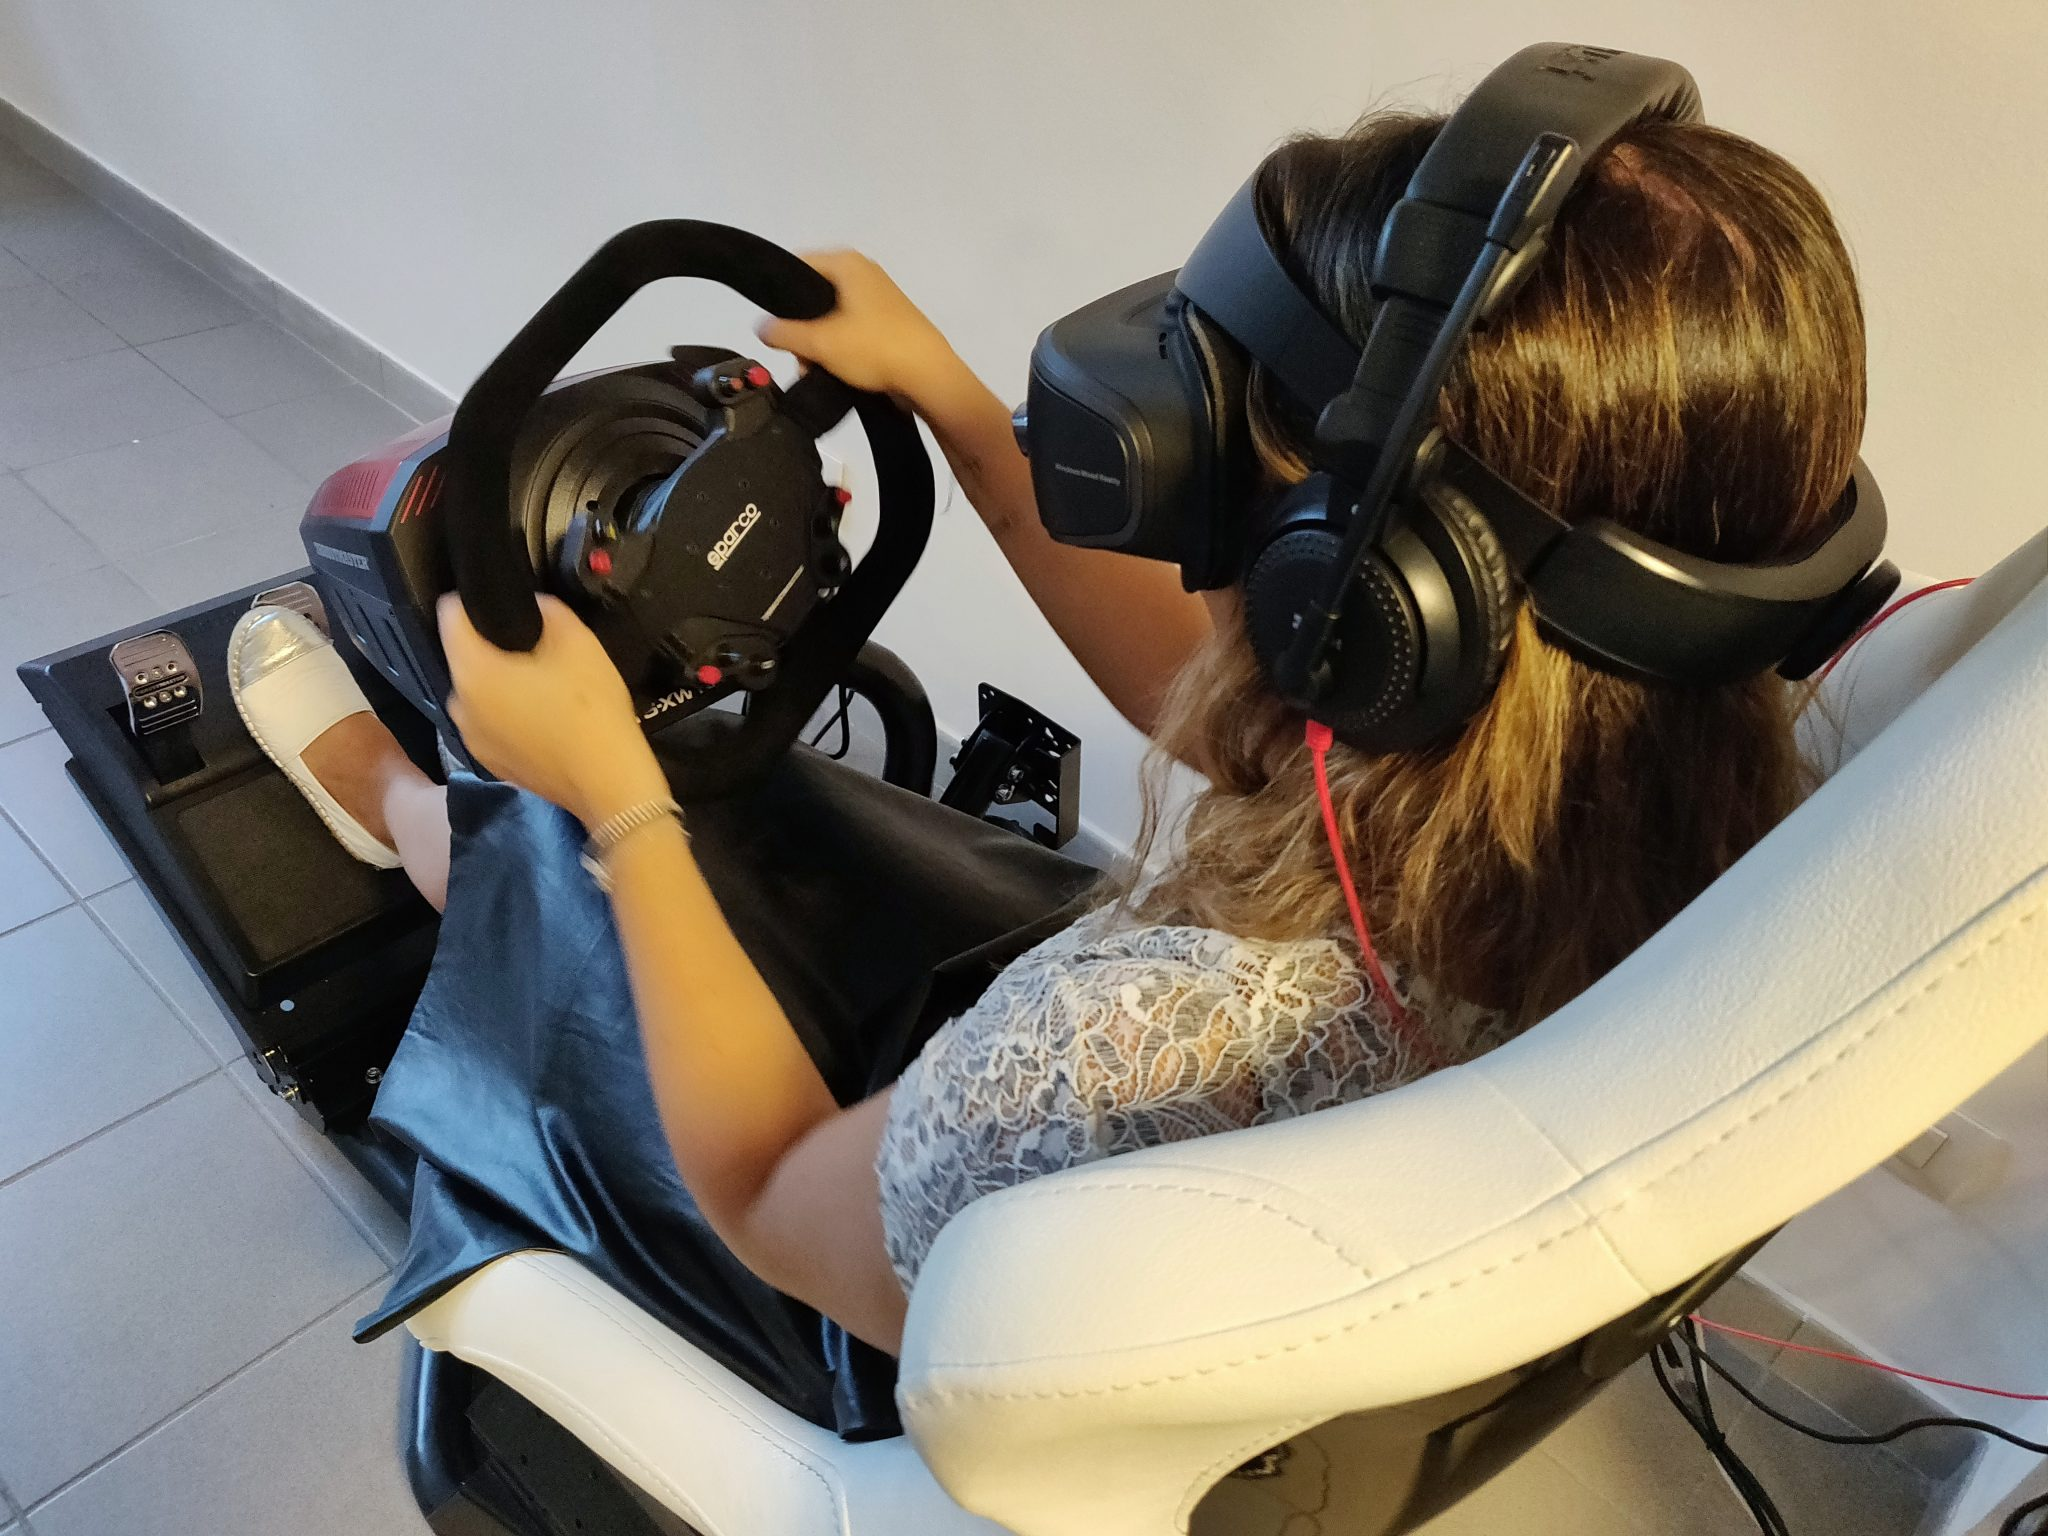 vr game cave realtà virtuale milano benessere tecnologico psicologia laura fasano sala giochi simulatore guida